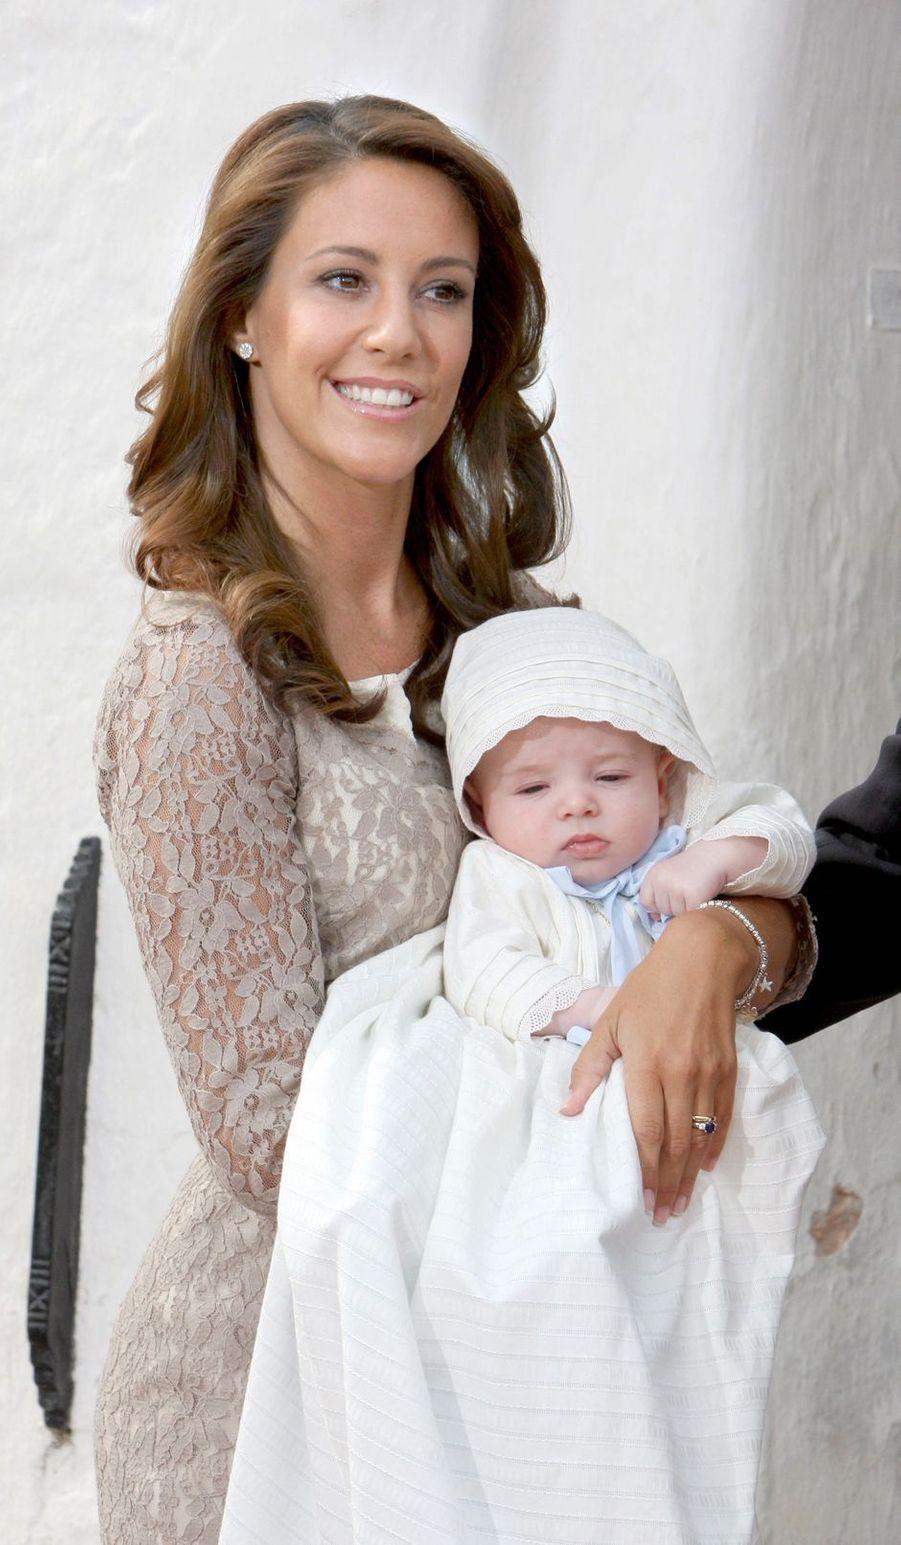 La princesse Marie de Danemark lors du baptême du prince Henrik, le 27 juillet 2009